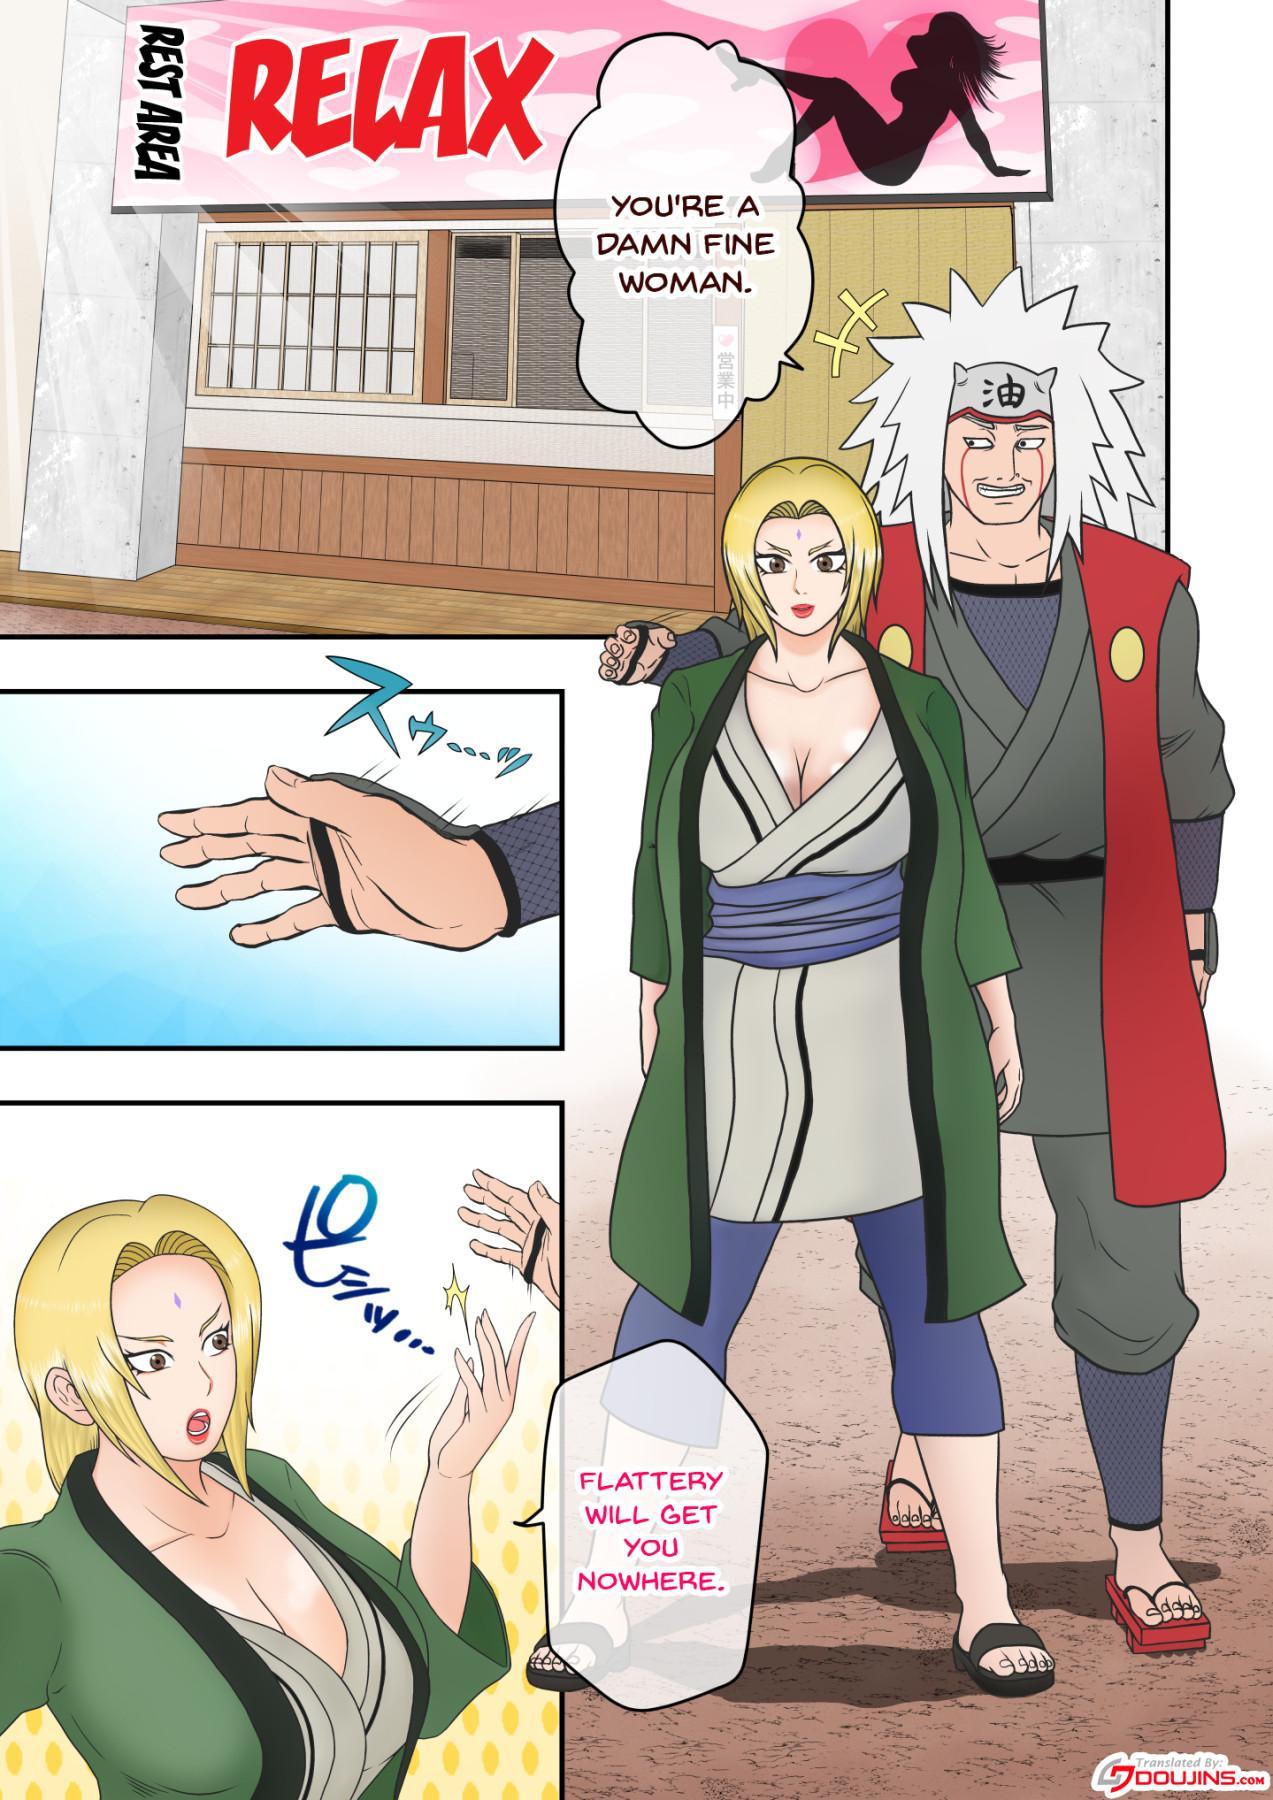 [Asagindo (Asakura Gin)] Tsunade no Seikyouiku 2 ~Kanraku Hen~ | Tsunade's Sex Education 2 ~Surrender Edition~ (Naruto) [English] {Doujins.com} 1